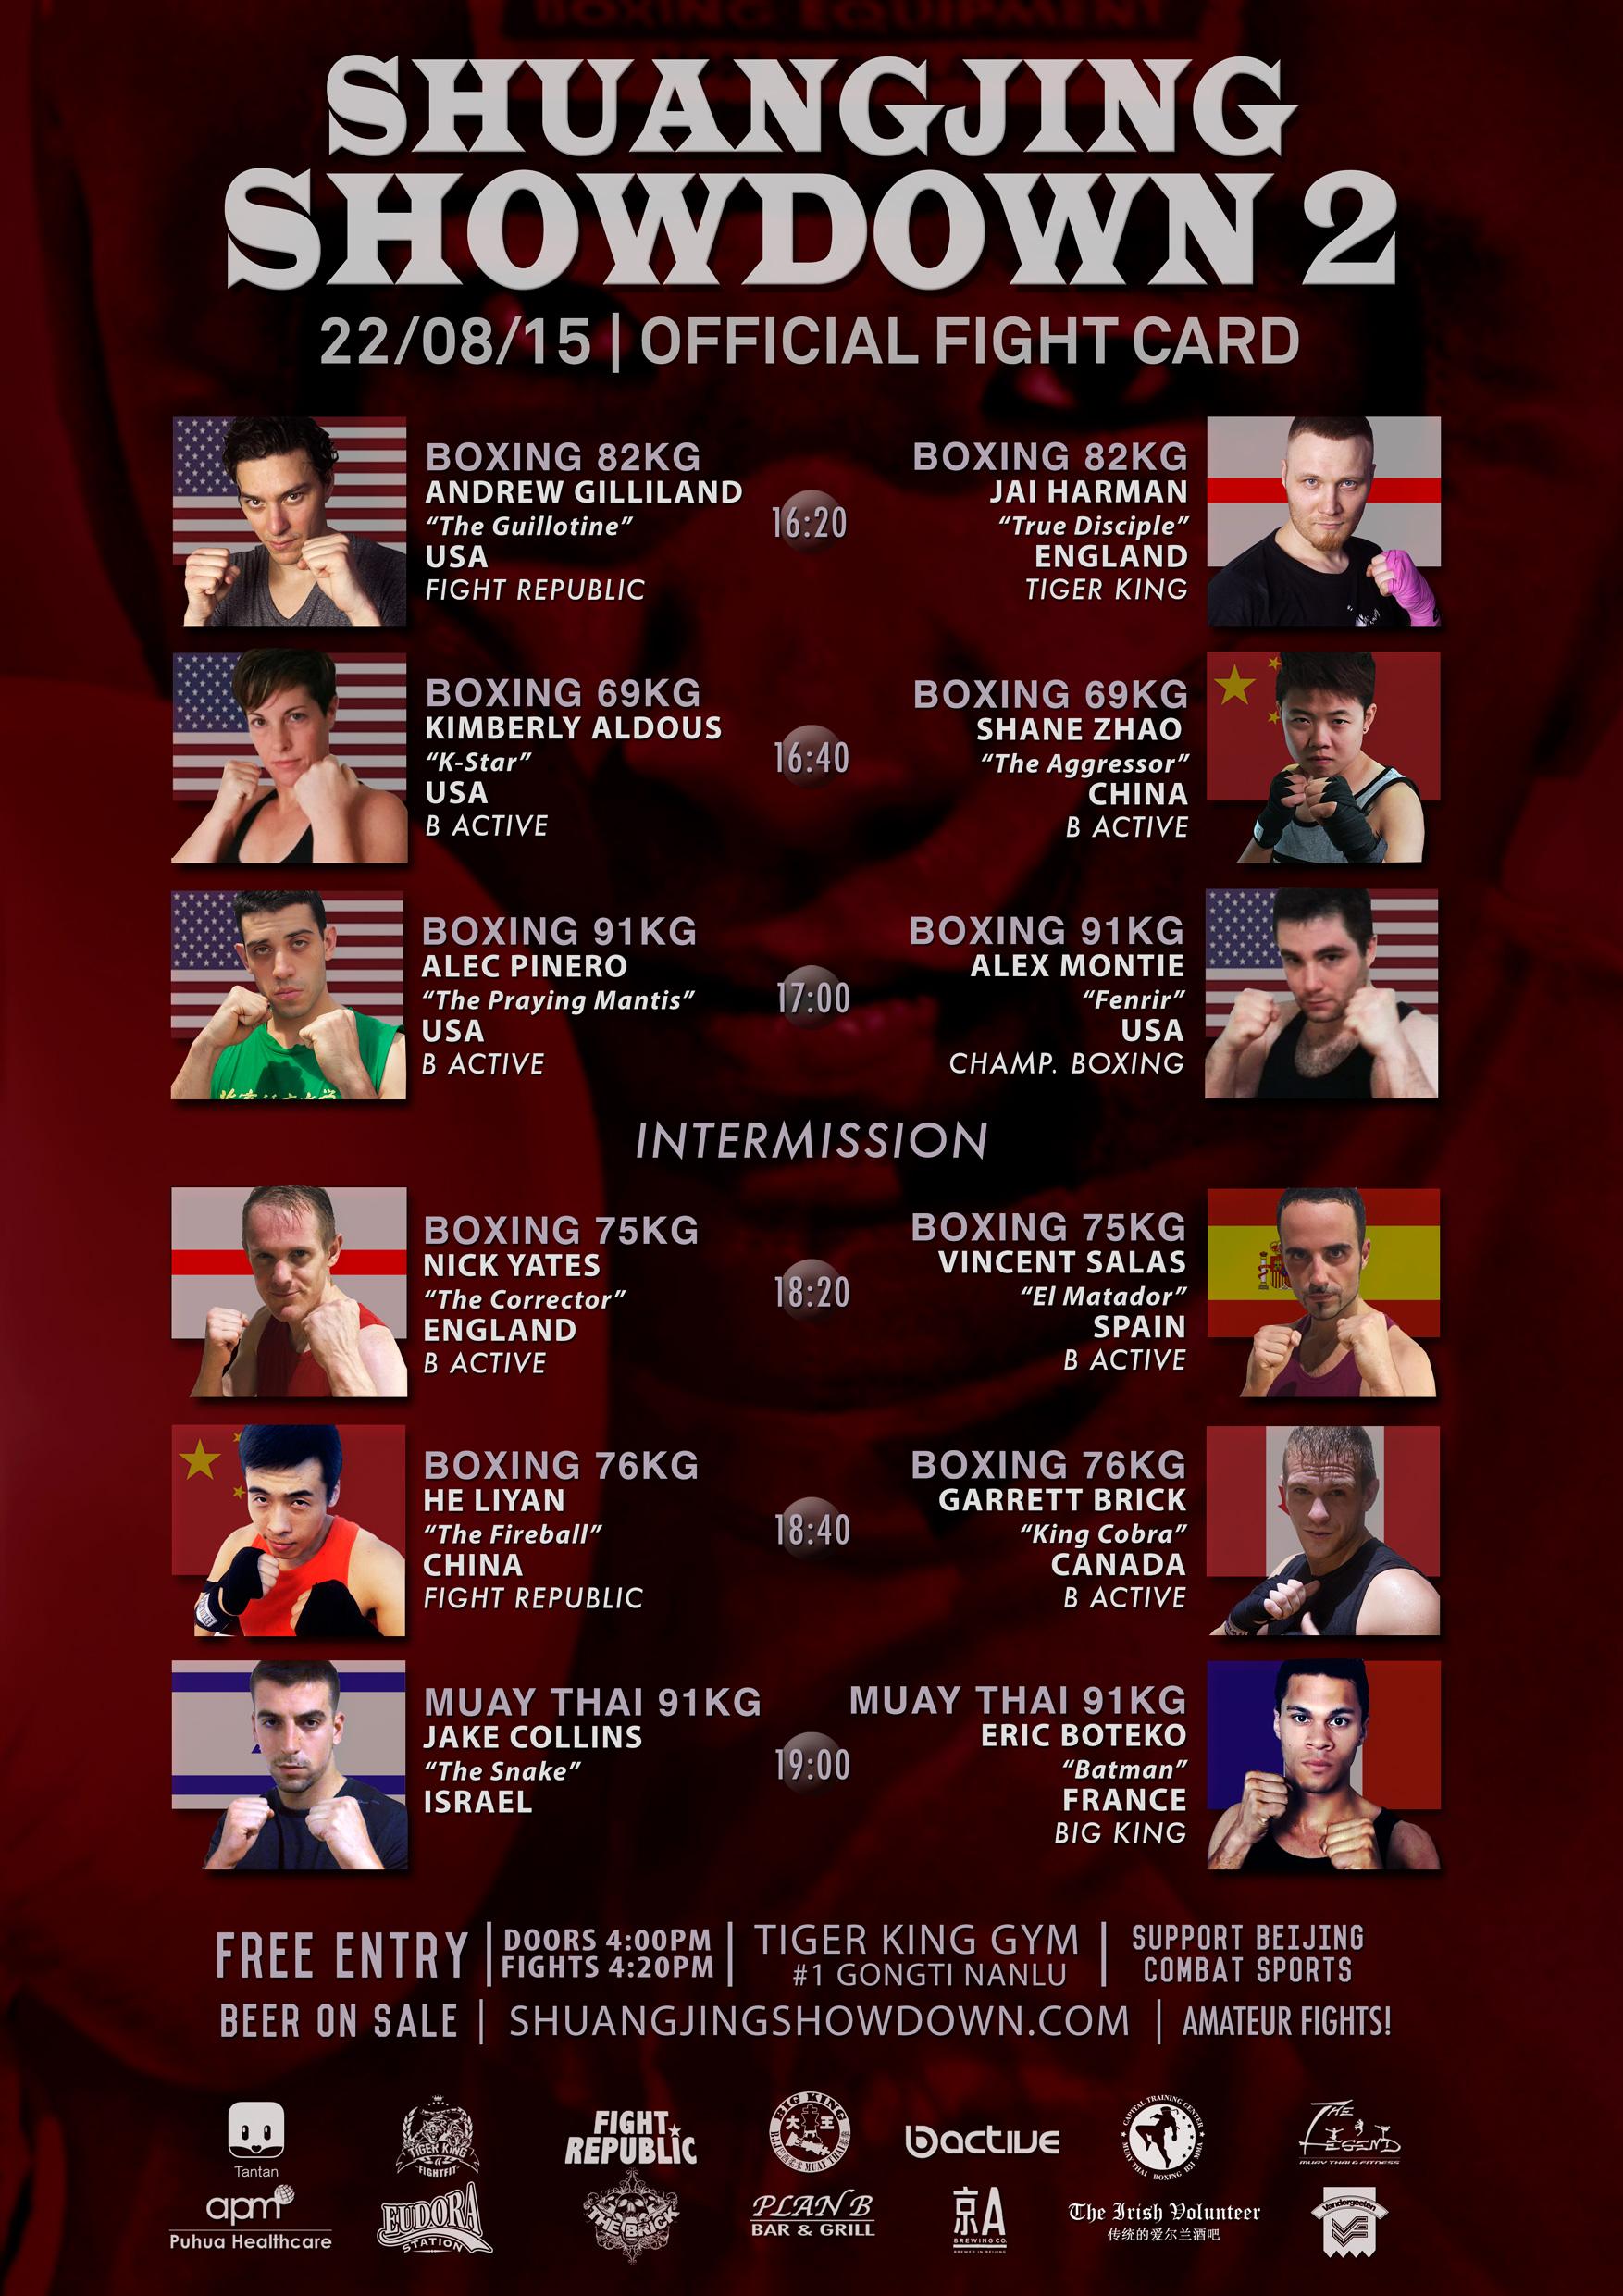 Shuangjing_Showdown_2_Fight_Card_Times_02_WEB.jpg